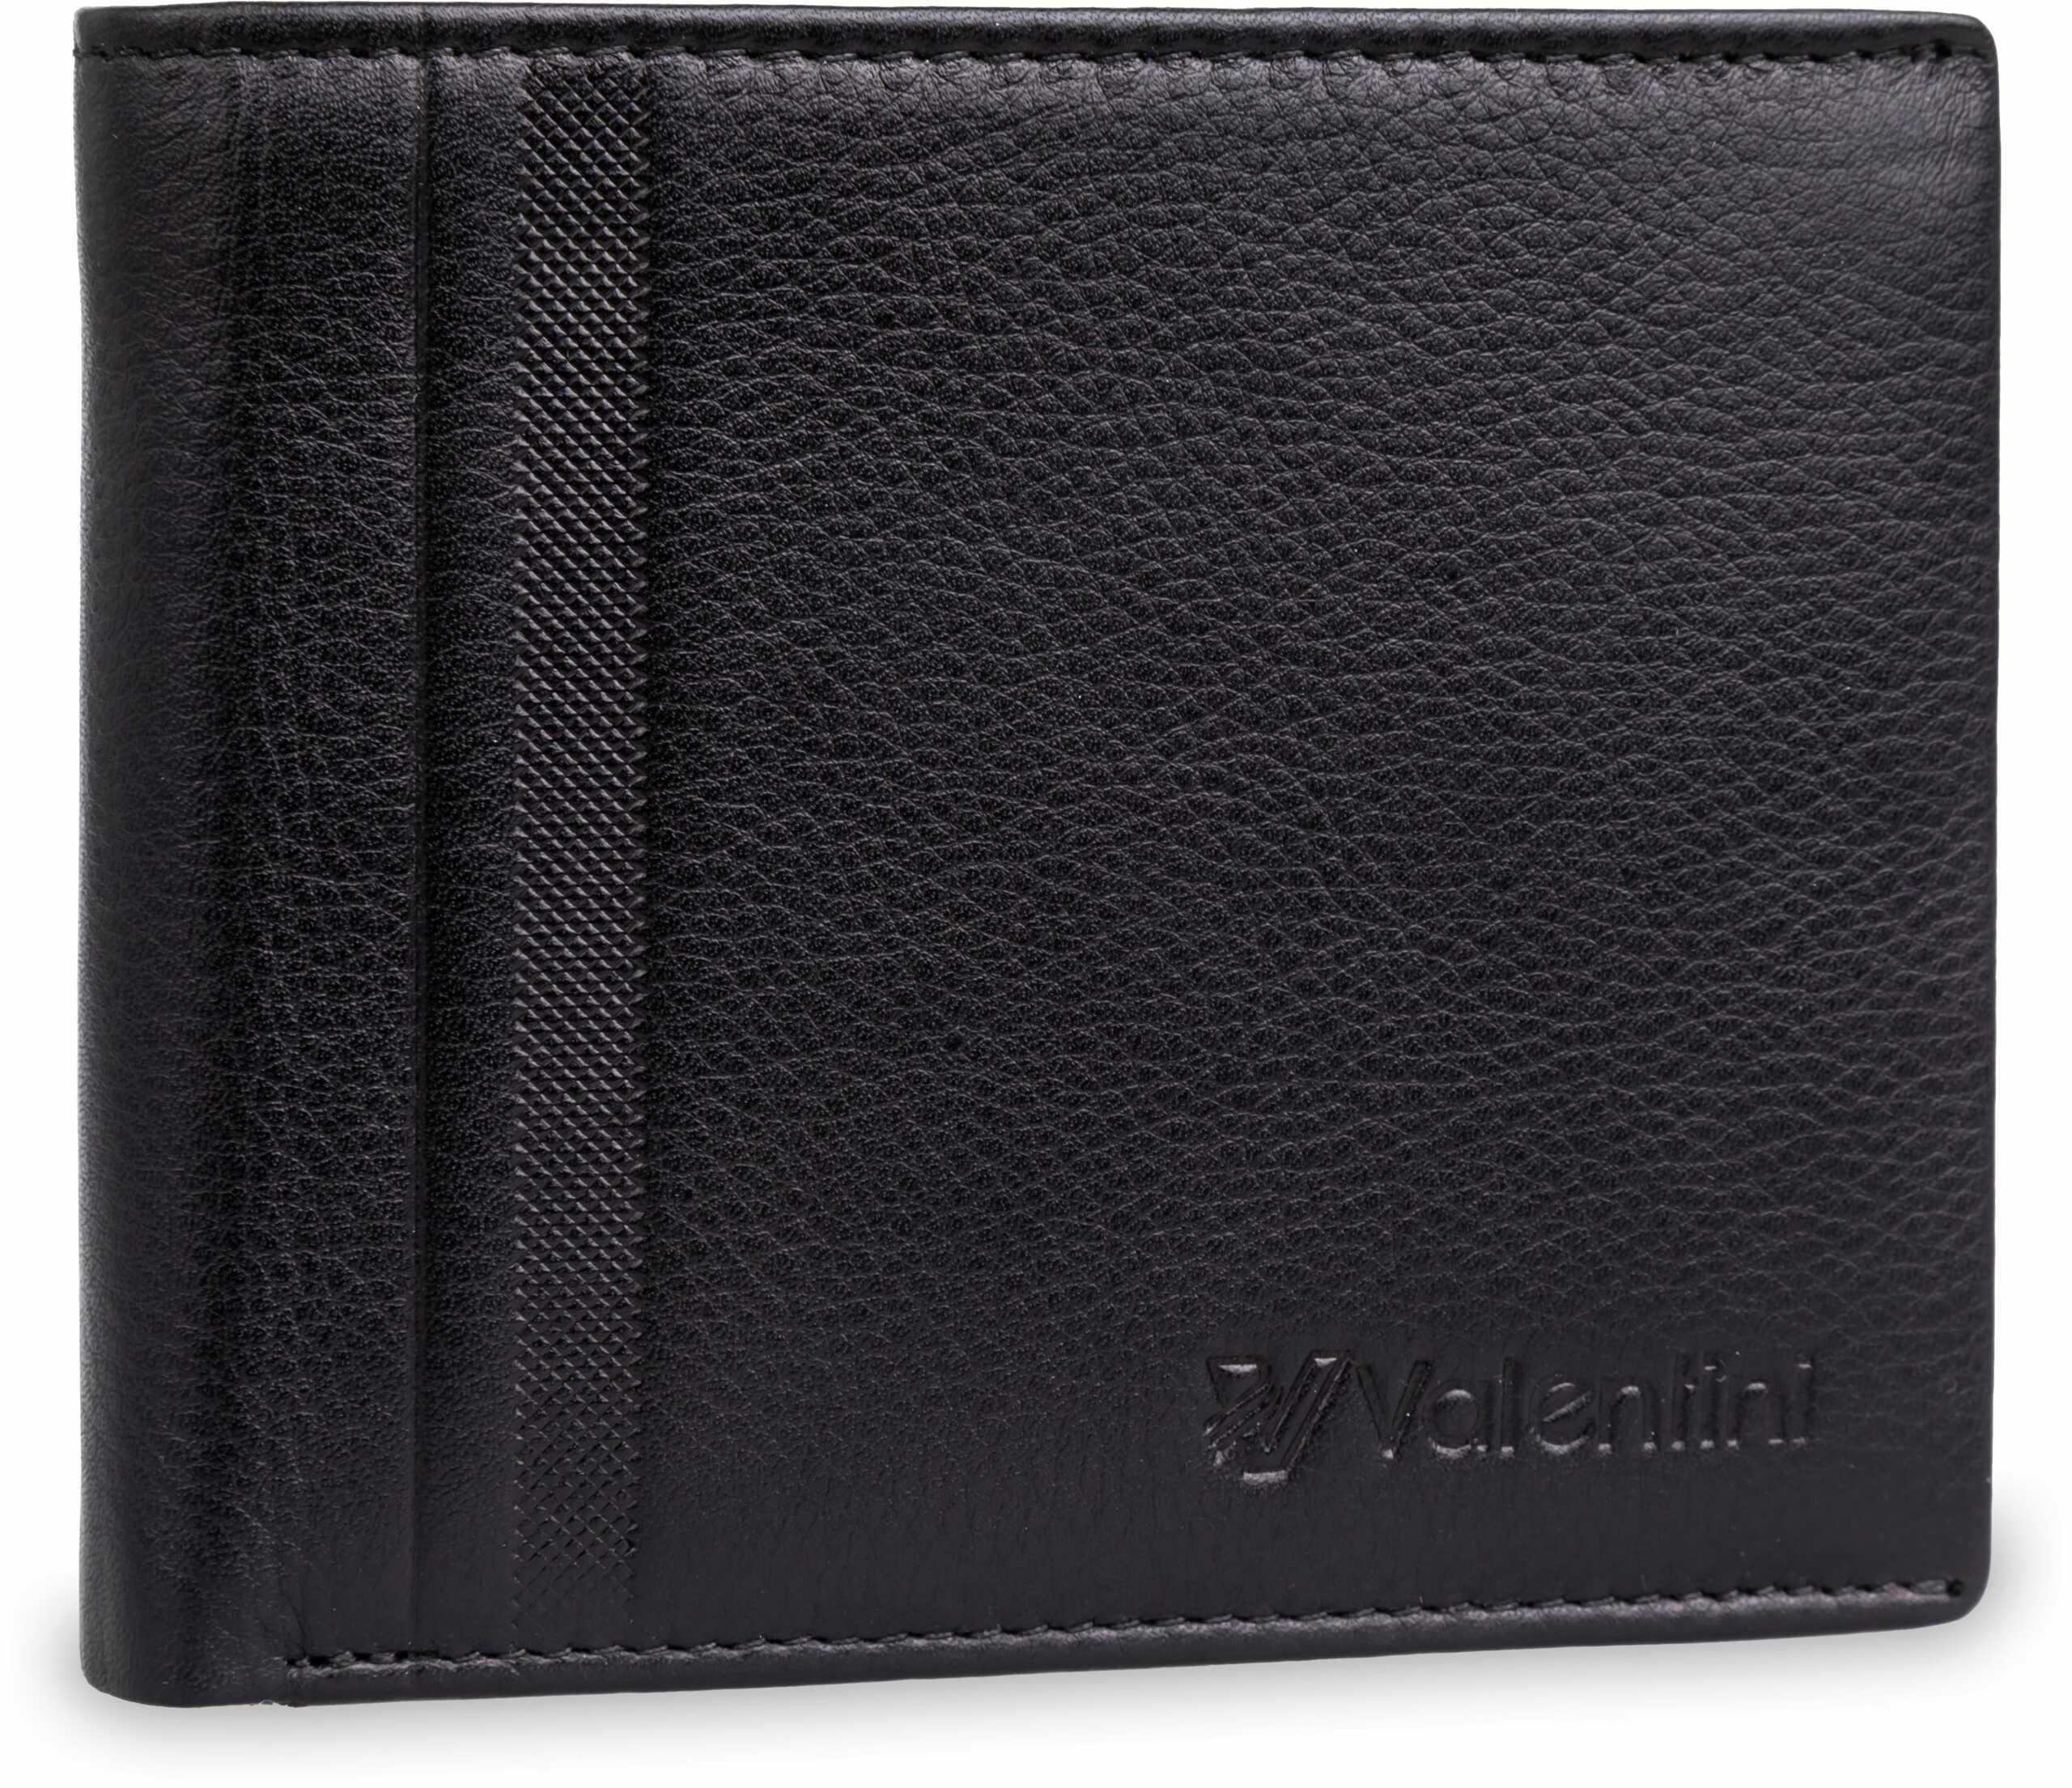 Mały portfel męski valentini trophy 15v-209 rfid